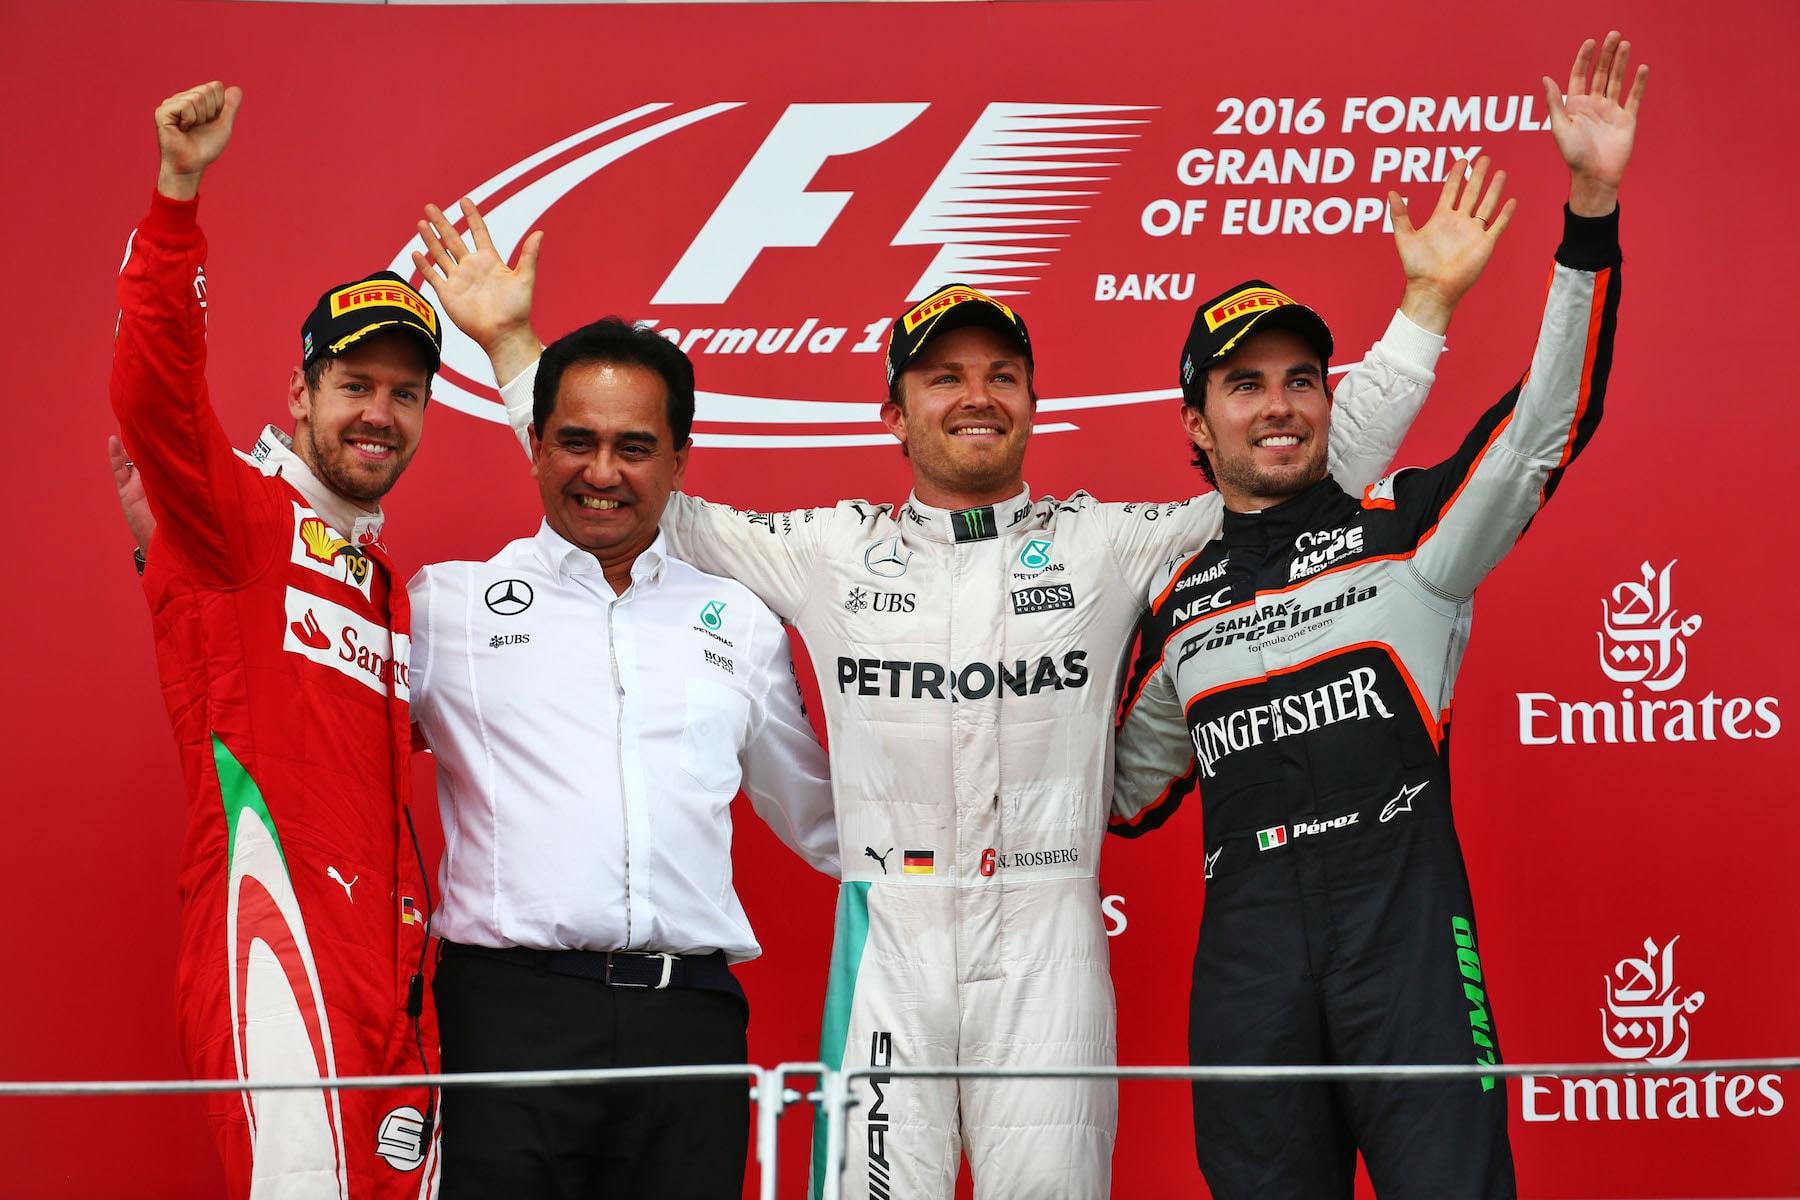 Salracing | European Grand Prix Podium